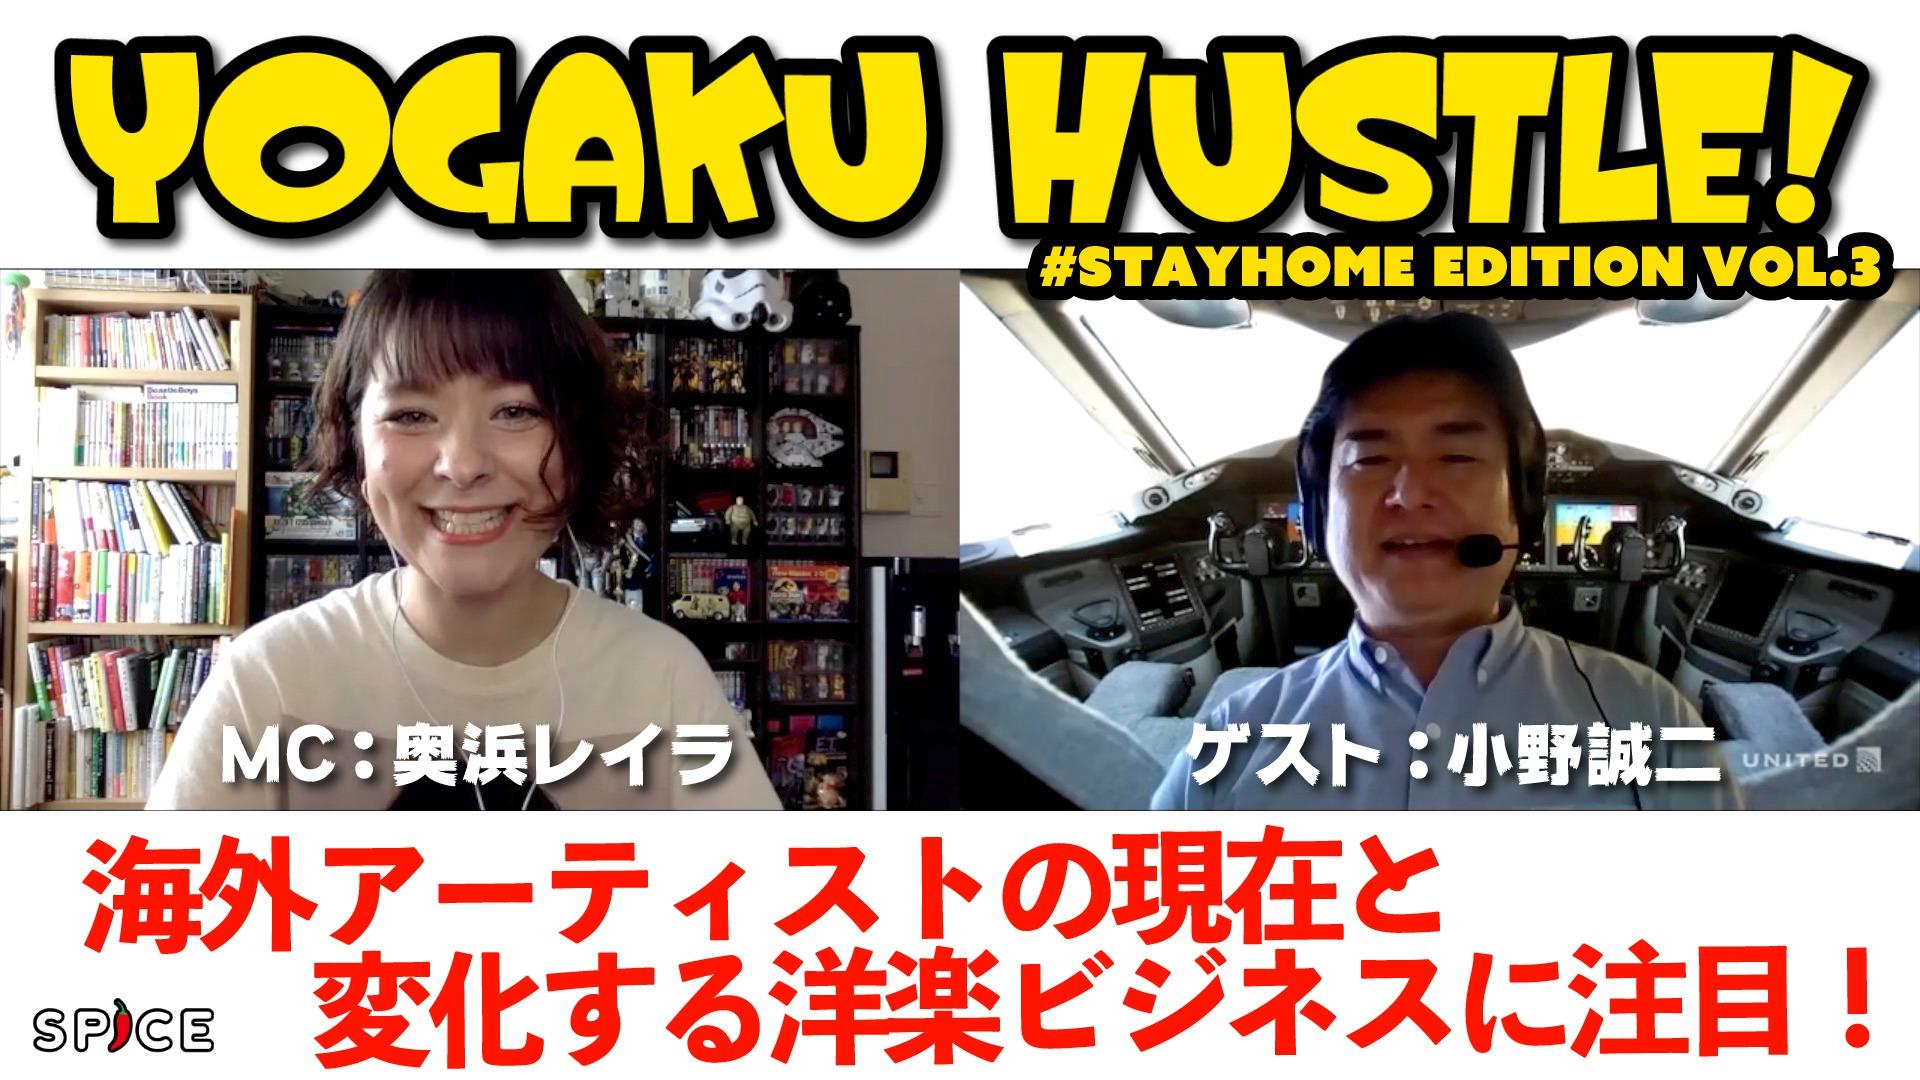 「洋楽ハッスル!#67 StayHome Edition VOL.3」